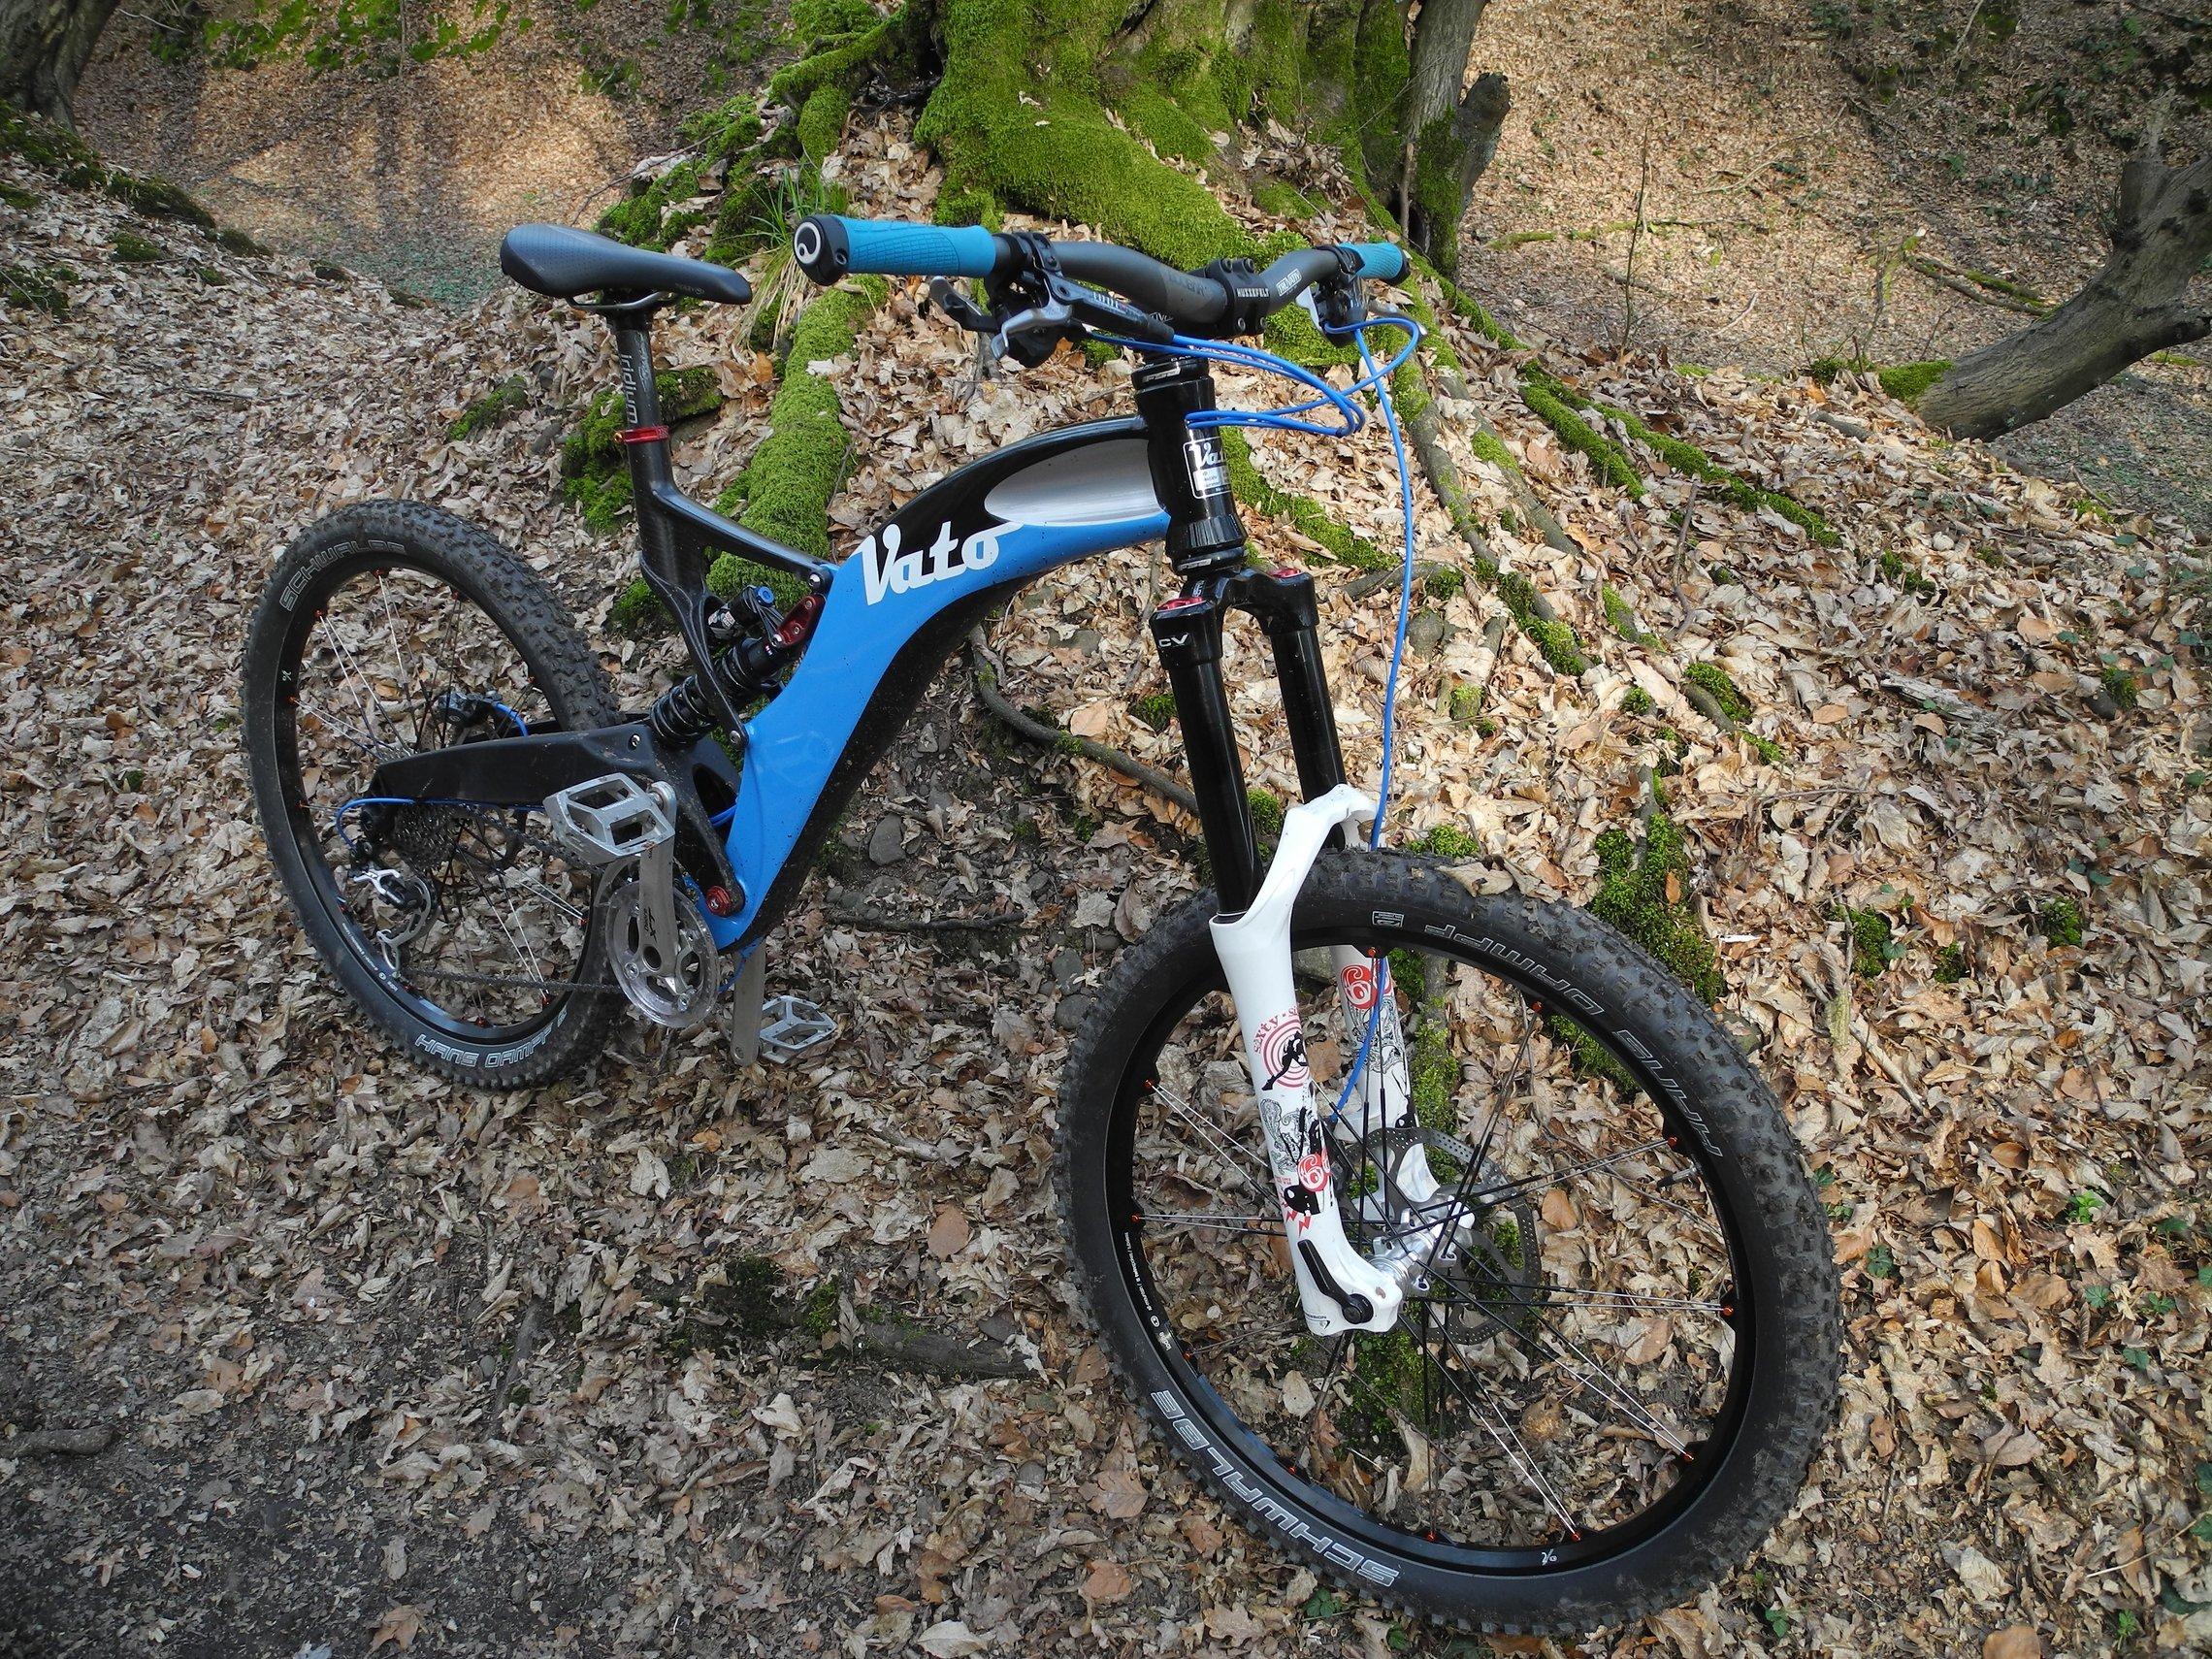 Bike der Woche: VATO 20 Eigenbau (Fräskunstwerk)